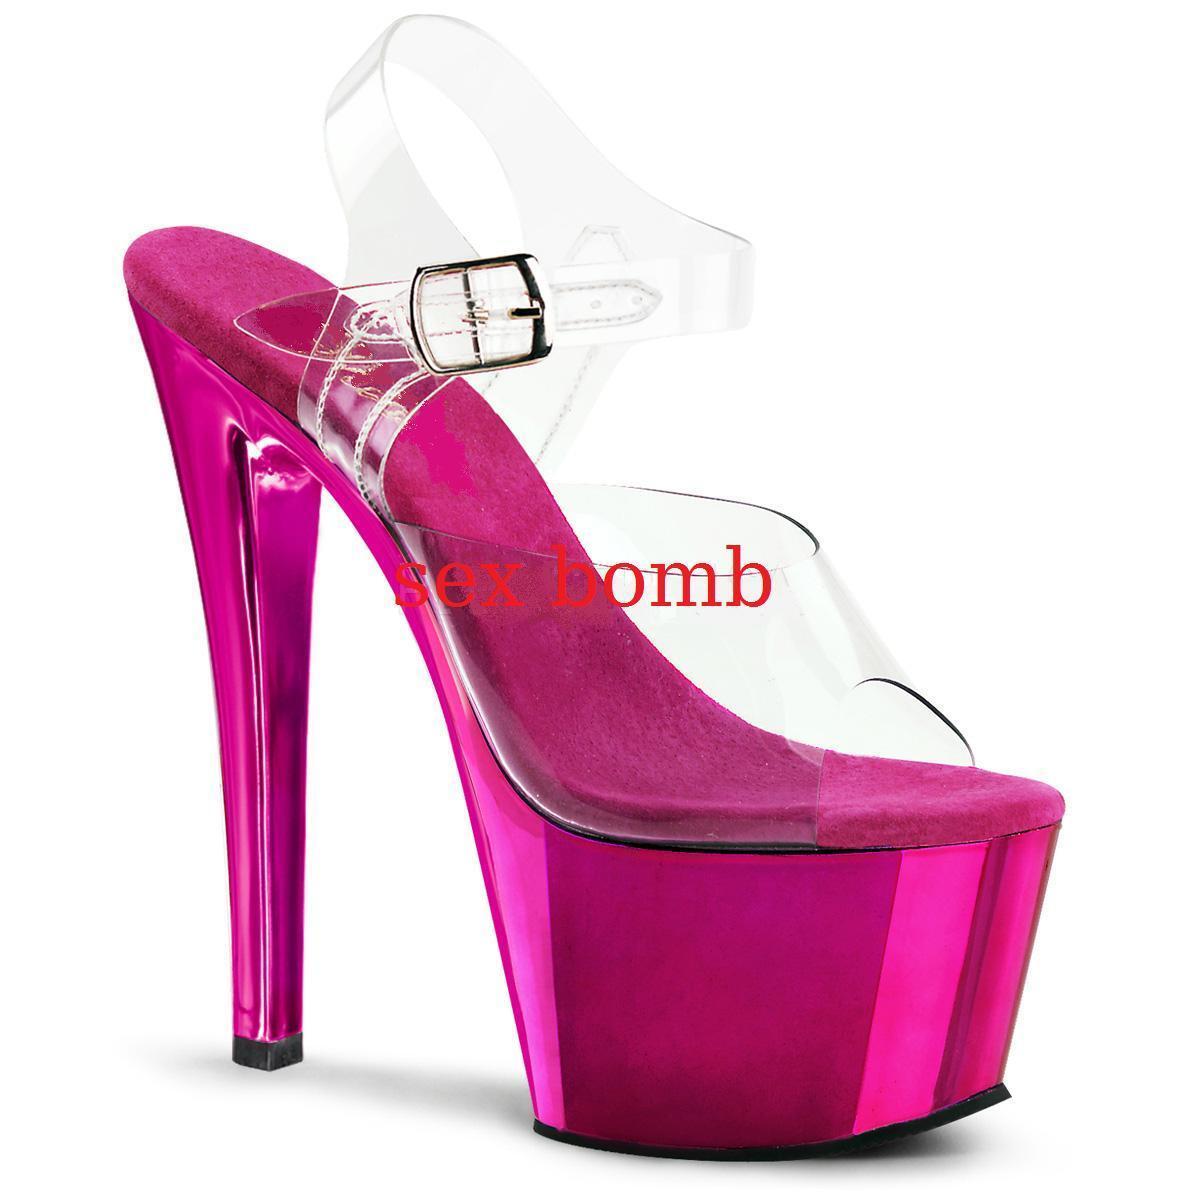 SEXY sandali PLATEAU TACCO 18 da35 a 44 ROSA ACCESO/TRASPARENTE fashion GLAMOUR